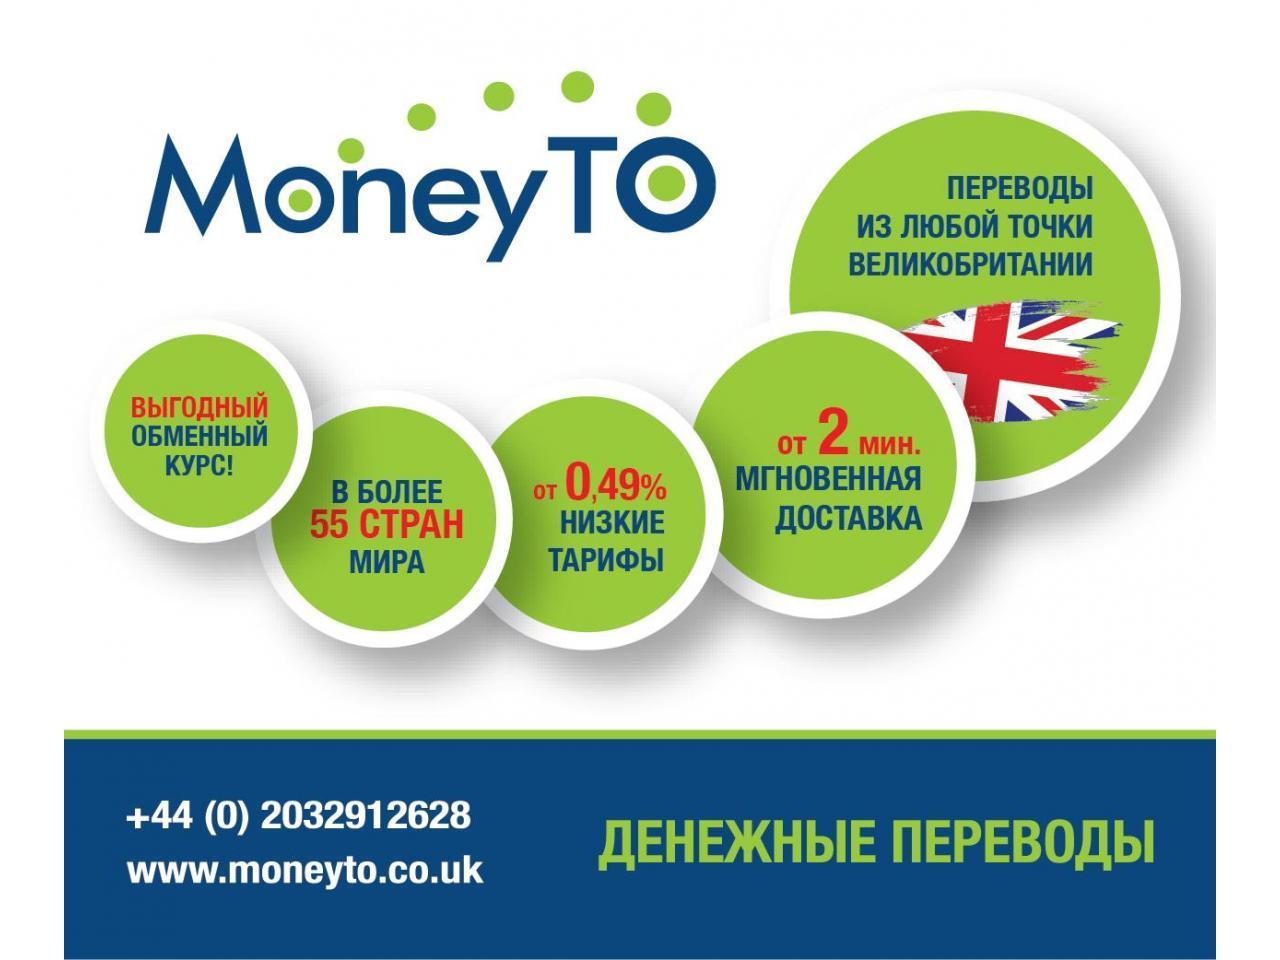 Отправляйте деньги с MoneyTO! - 1